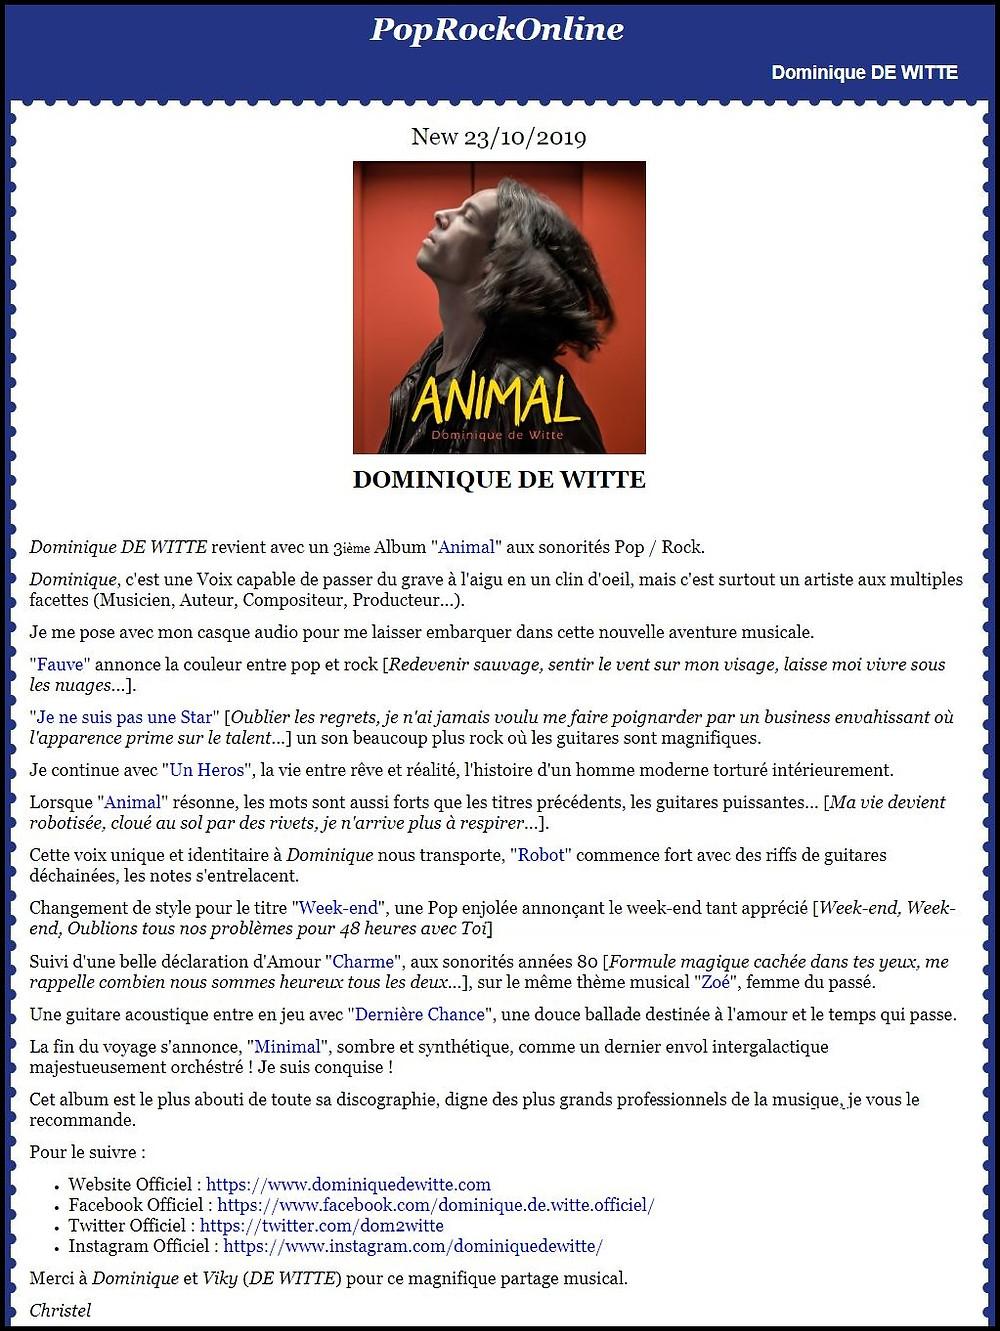 Dominique de Witte - BLOG de Christel Martin POP ROCK ONLINE - PRESSE - 3e album ANIMAL - 23.10.2019